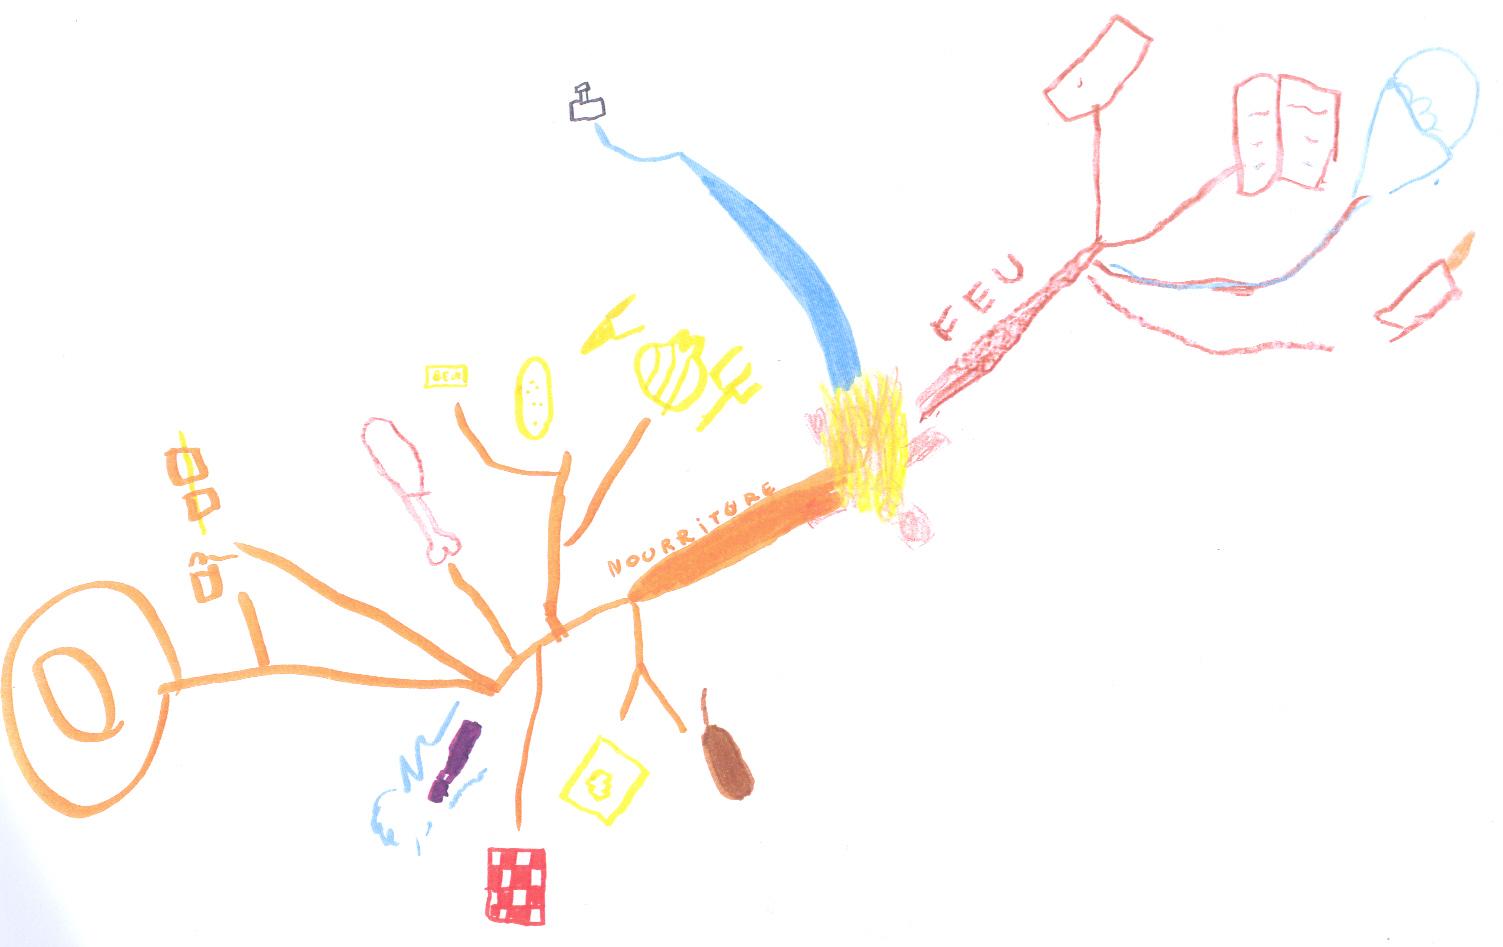 comment faire jouer des enfants entre 5 et 8 ans ensemble optimind mind mapping. Black Bedroom Furniture Sets. Home Design Ideas